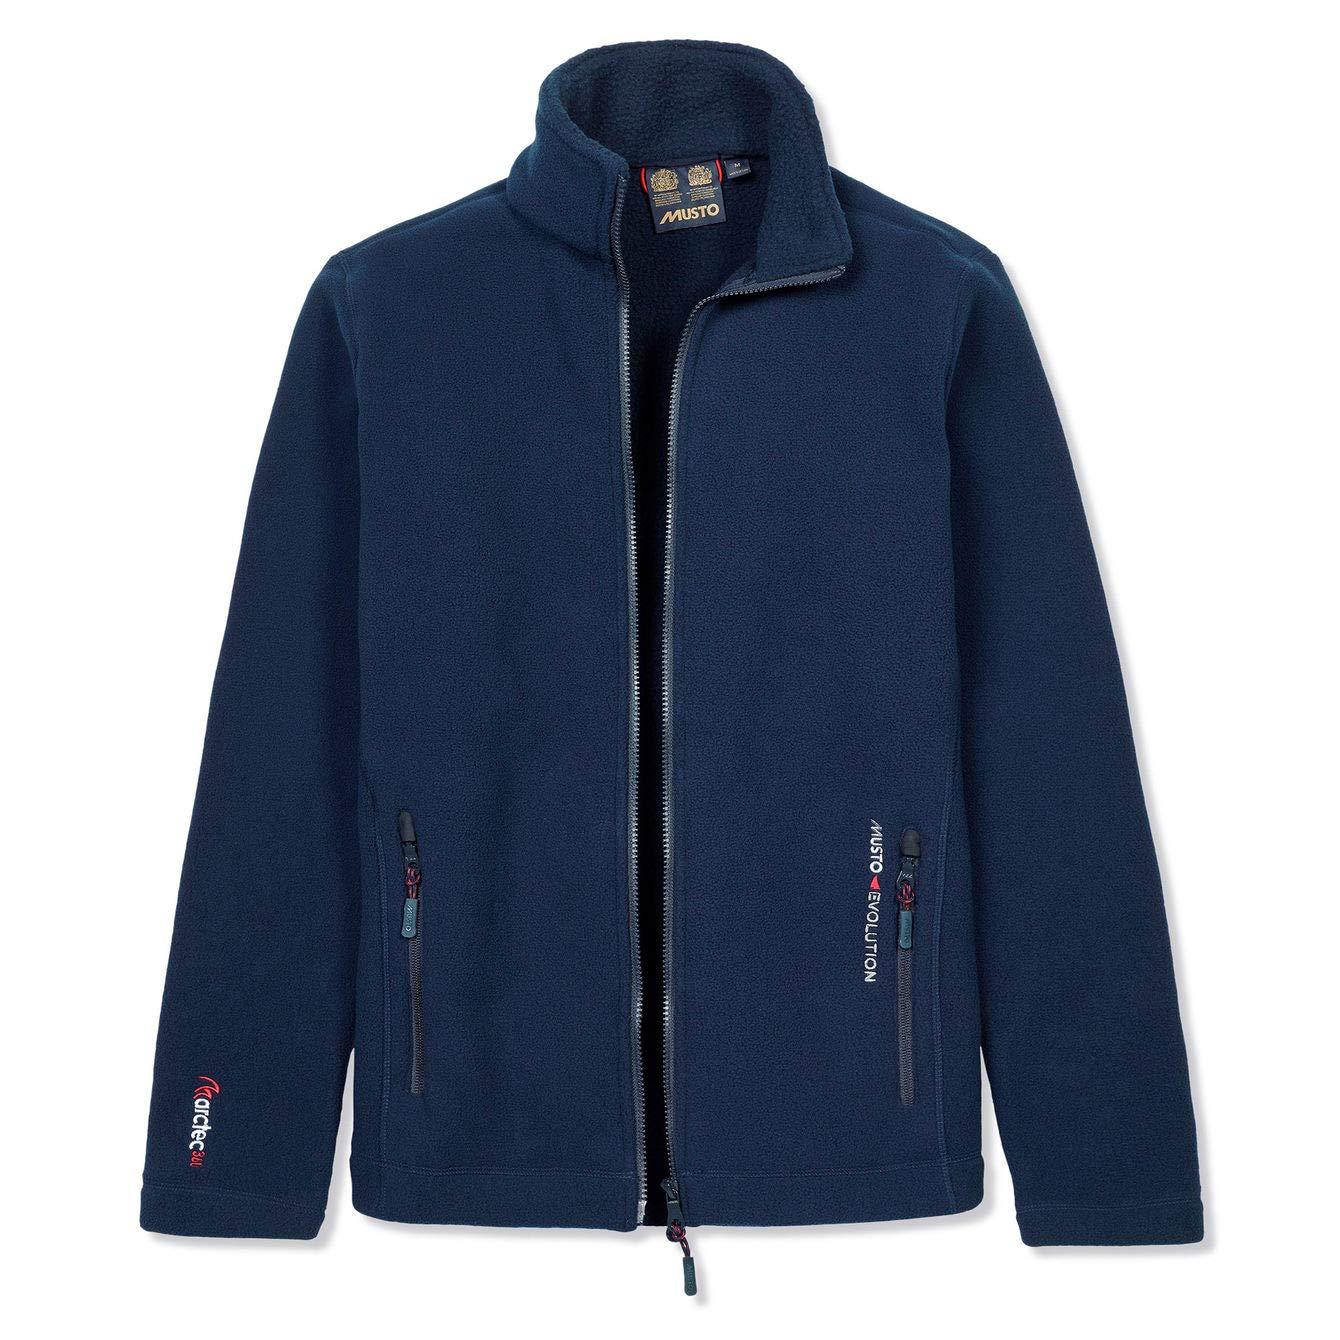 Musto Deck Fleece Jacket - True Navy